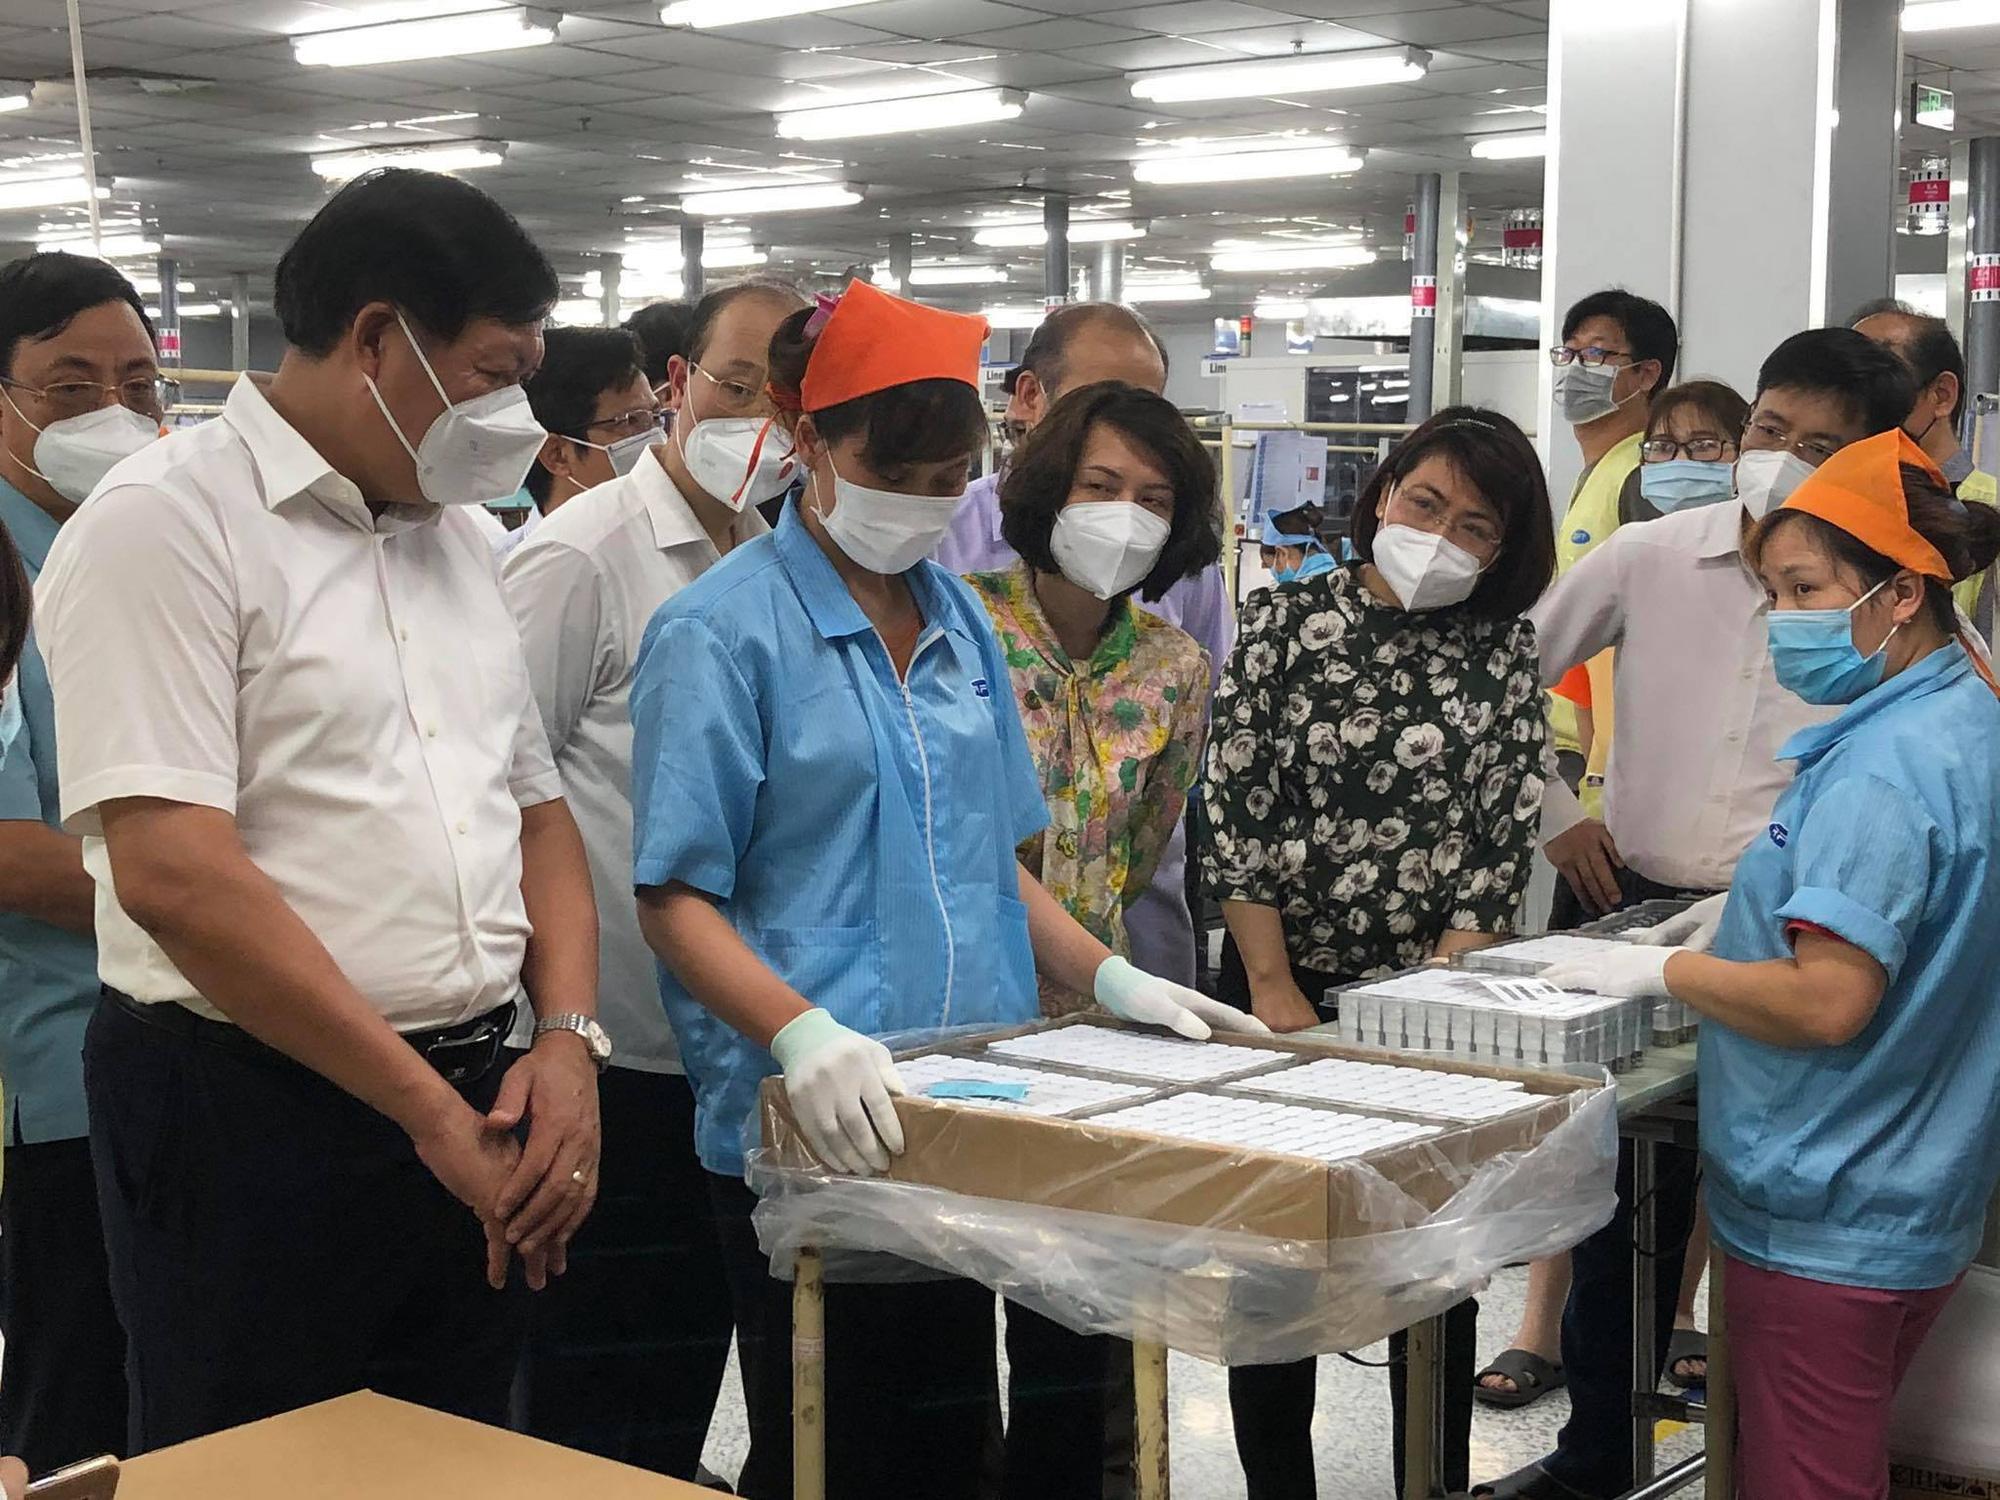 Diễn biến dịch ngày 17/6: Tổng trong ngày, Việt Nam ghi nhận 515 ca mới và 63 bệnh nhân khỏi  - Ảnh 8.